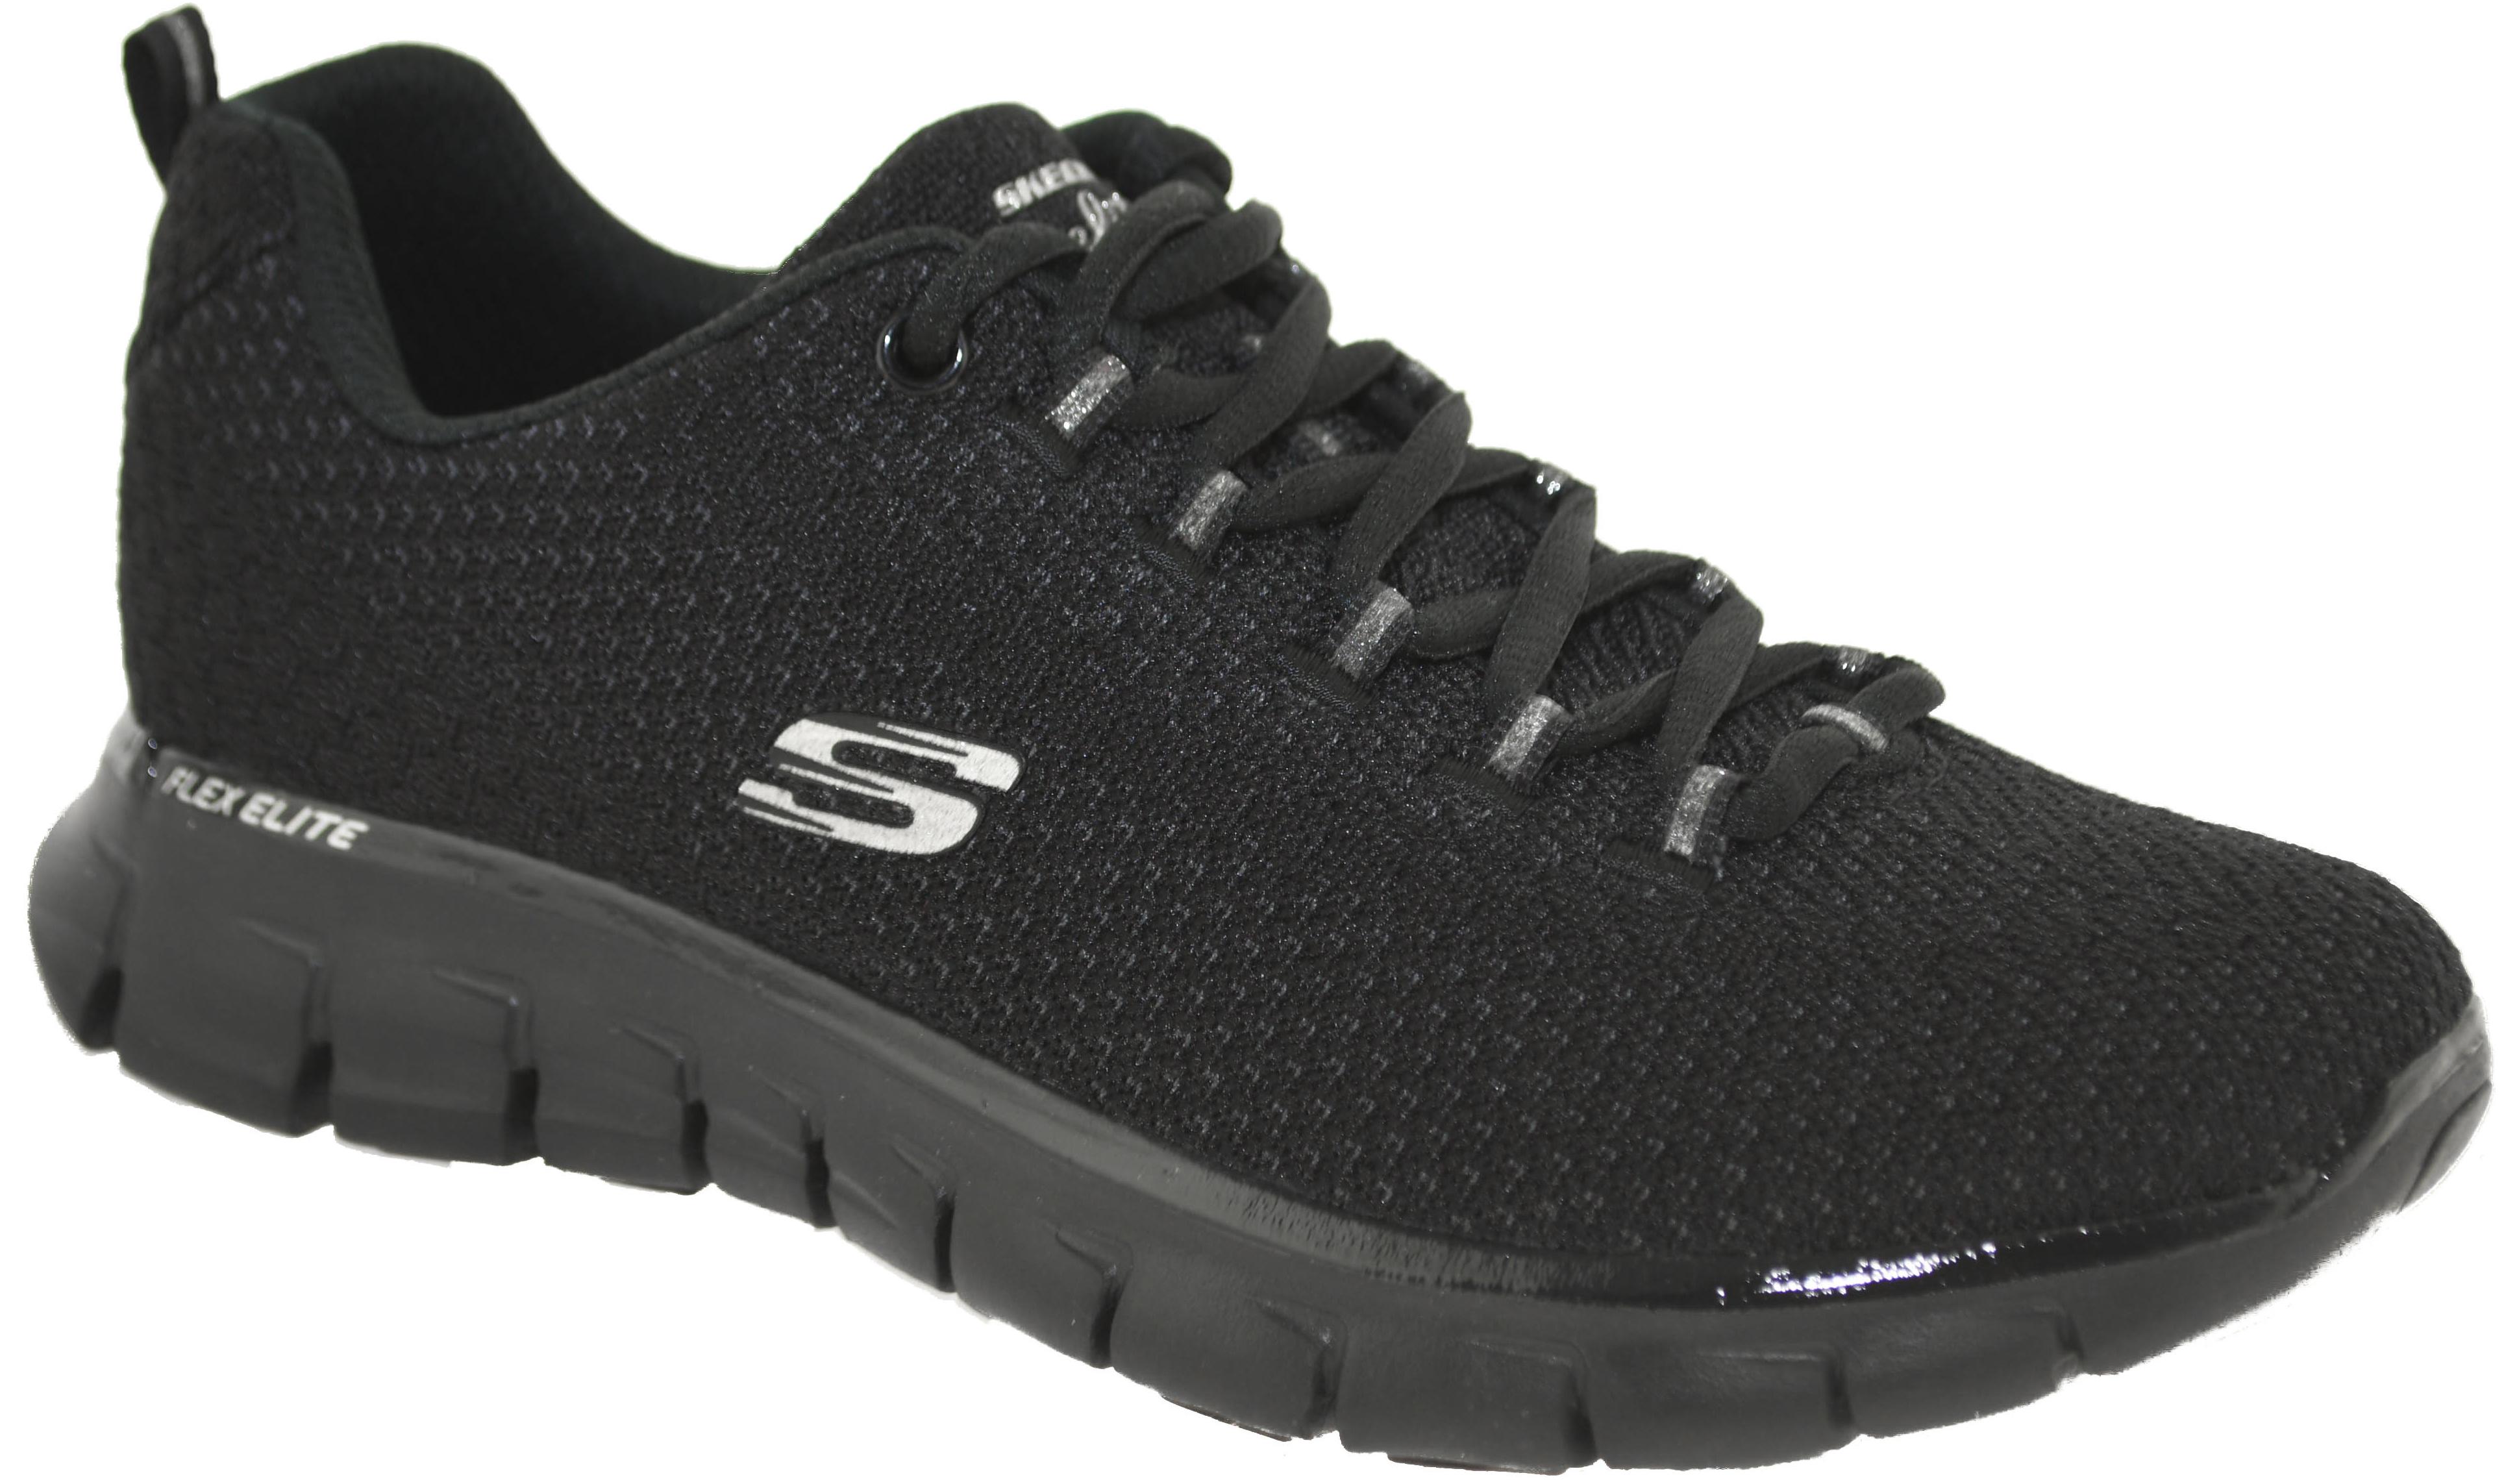 Skechers Women's Synergy Safe & Sound Sneaker Black 11972 BBK